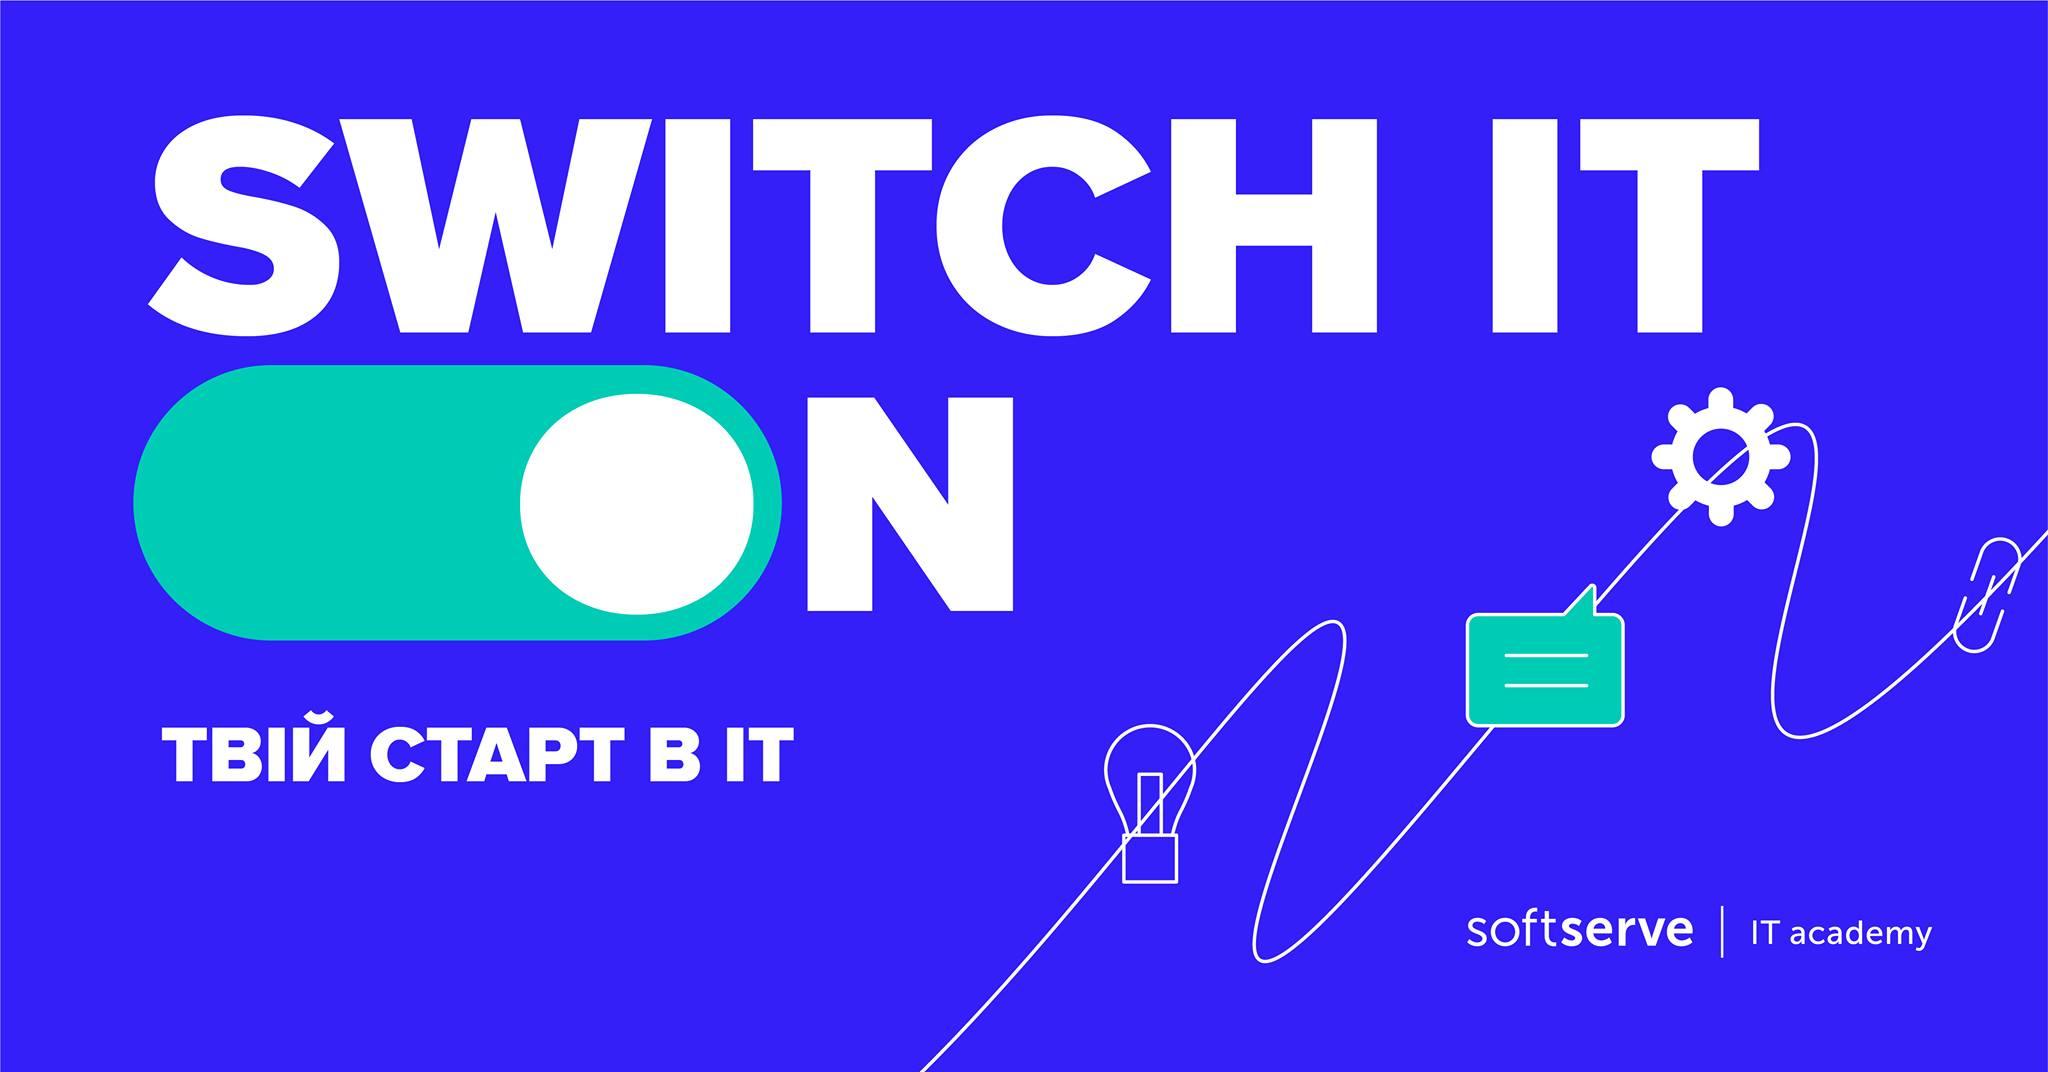 Switch ІT on: твій старт в ІТ